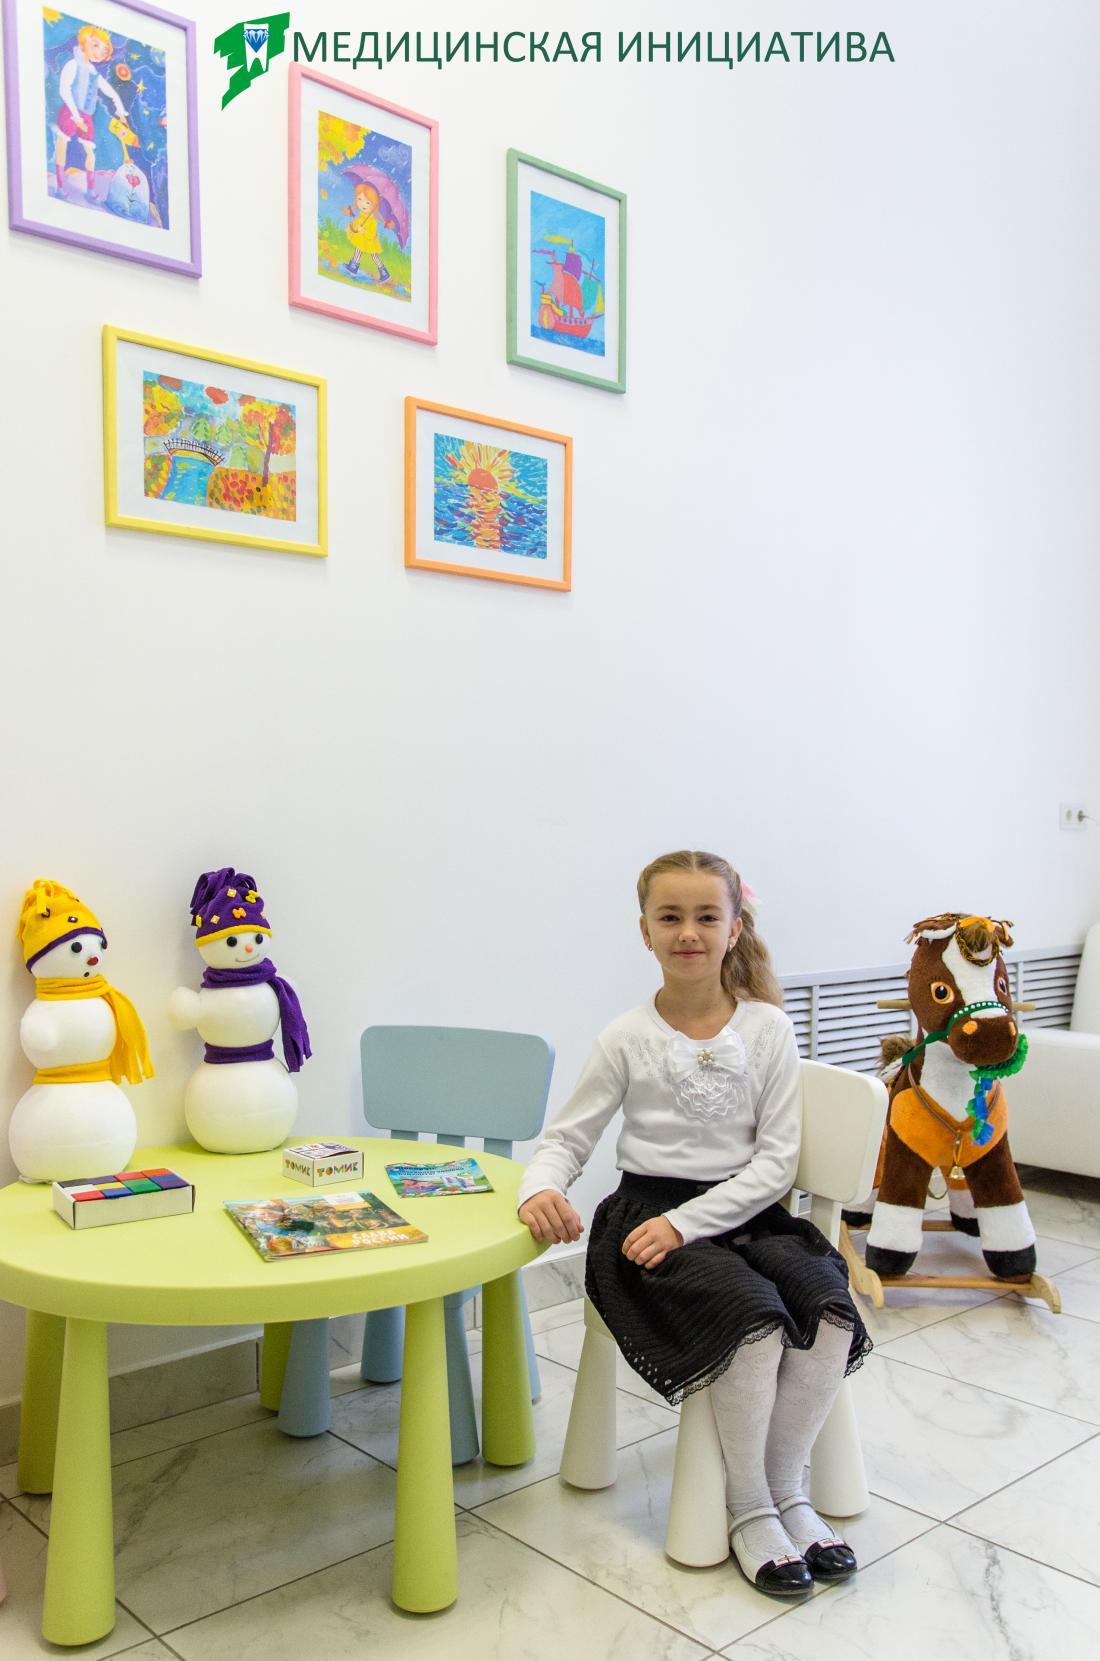 """Стоматология для детей и взрослых, консультация врача бесплатно (0 руб.), профгигиена -50% в медцентре """"Медицинская инициатива"""""""